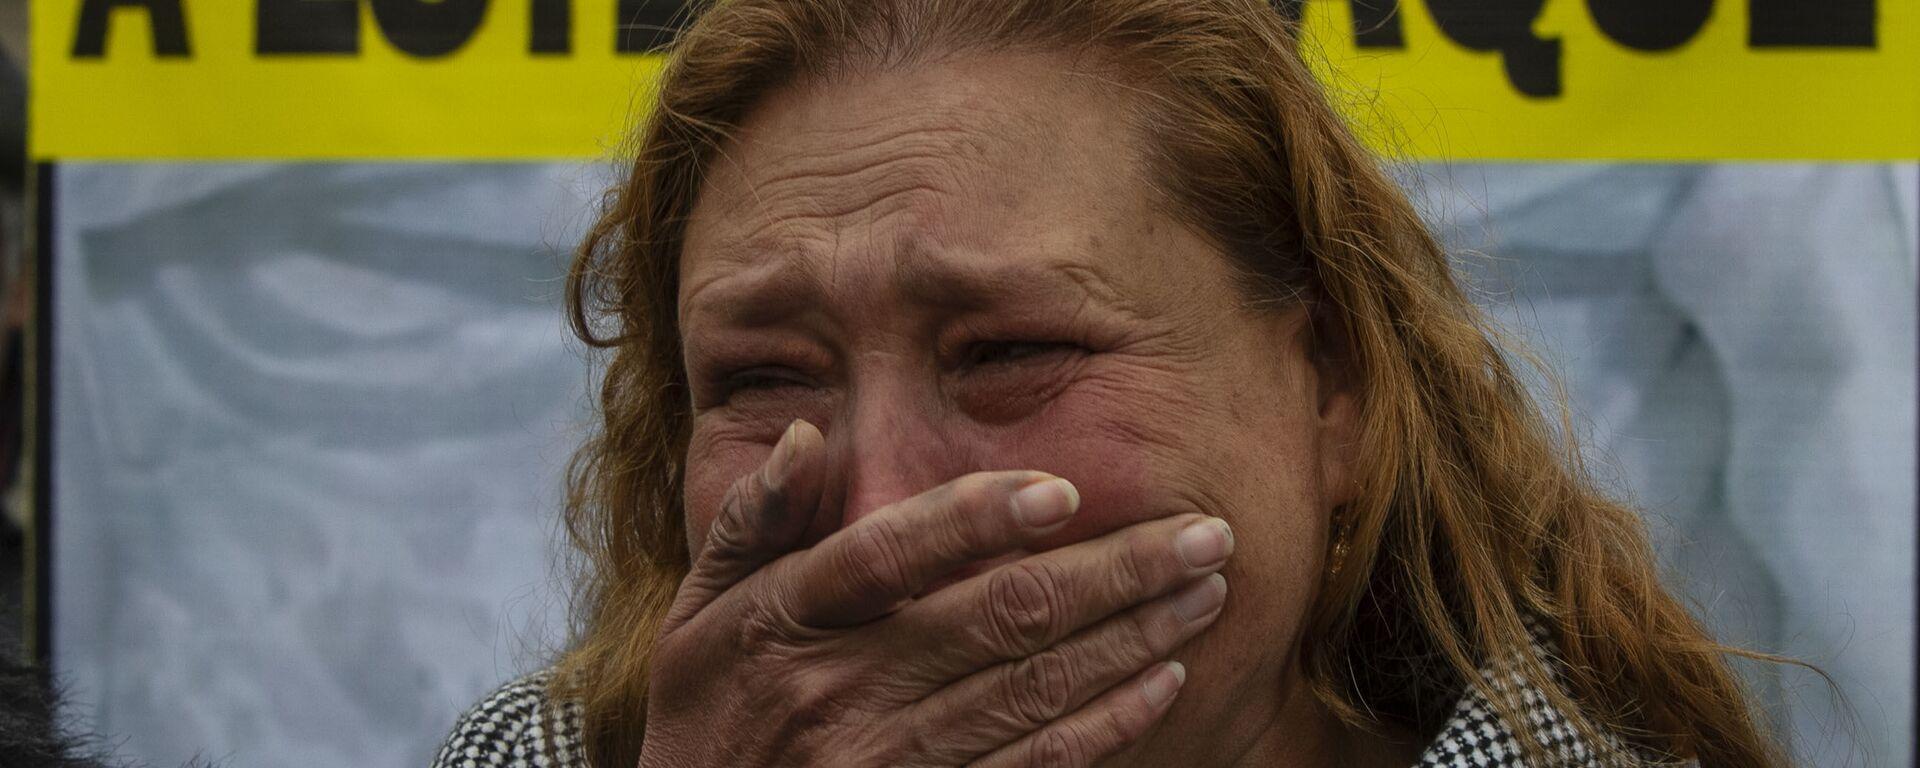 Patricia Martínez denuncia la detención de su hijo en Hidalgo, México - Sputnik Mundo, 1920, 29.01.2020